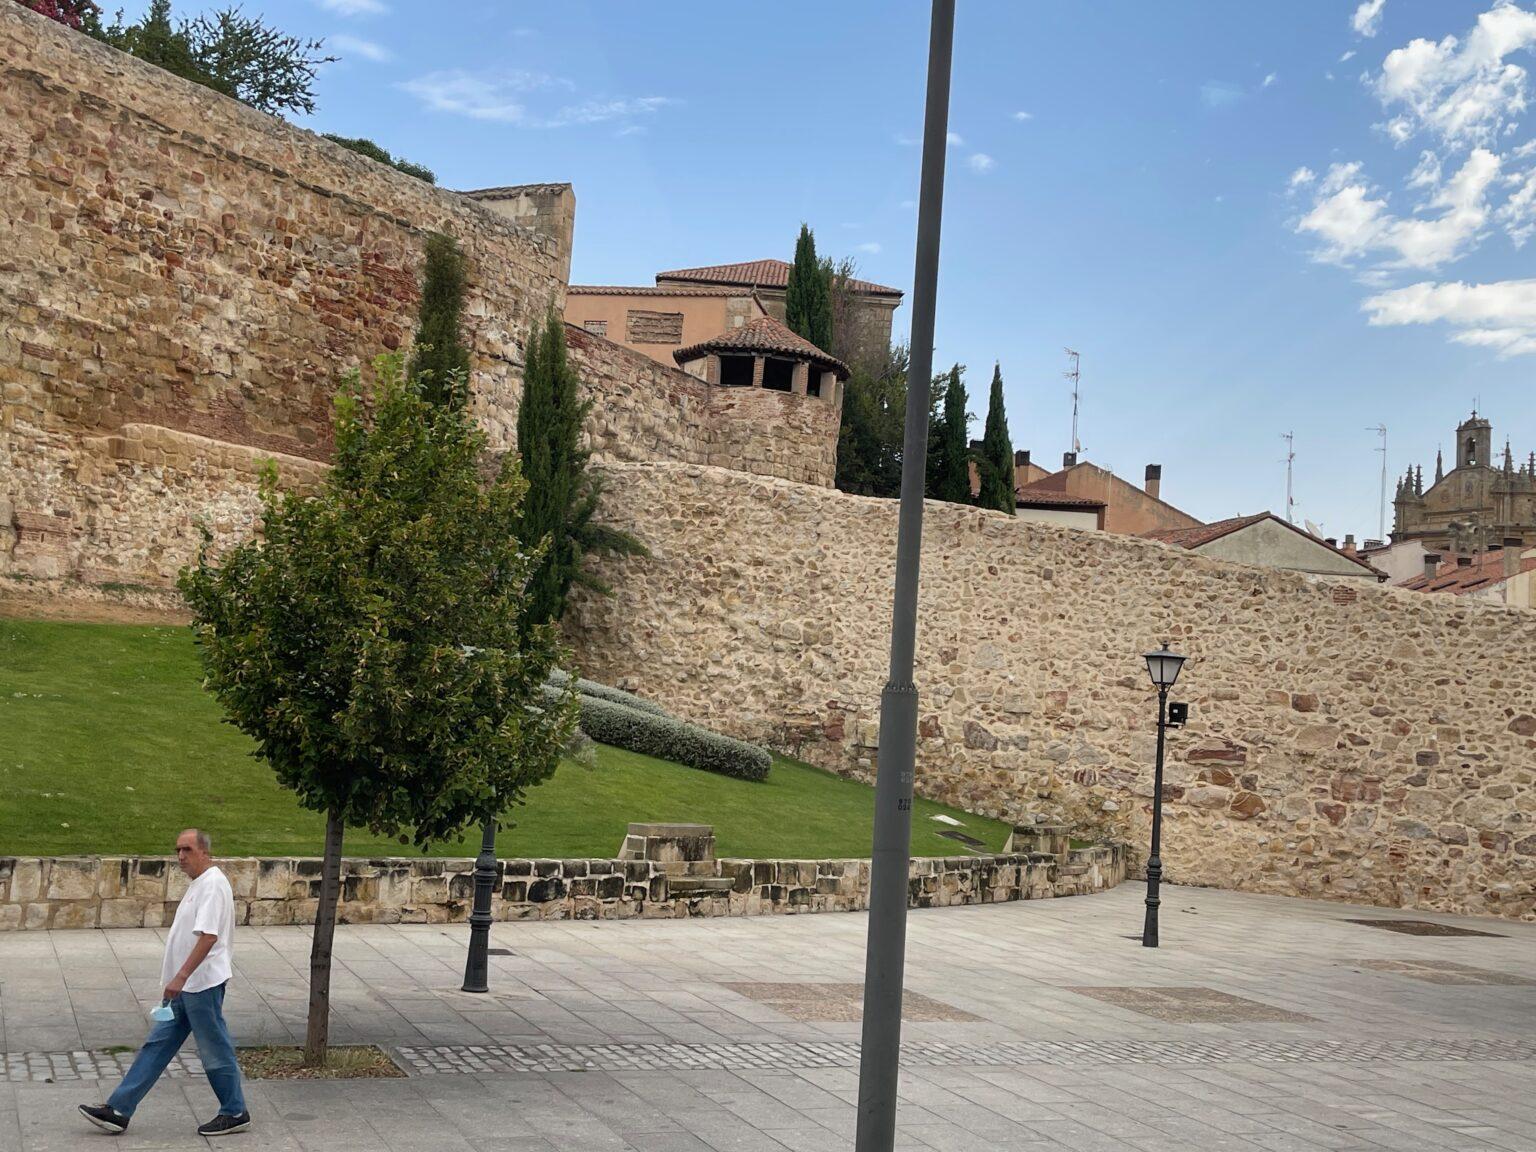 The walls in Salamanca Spain